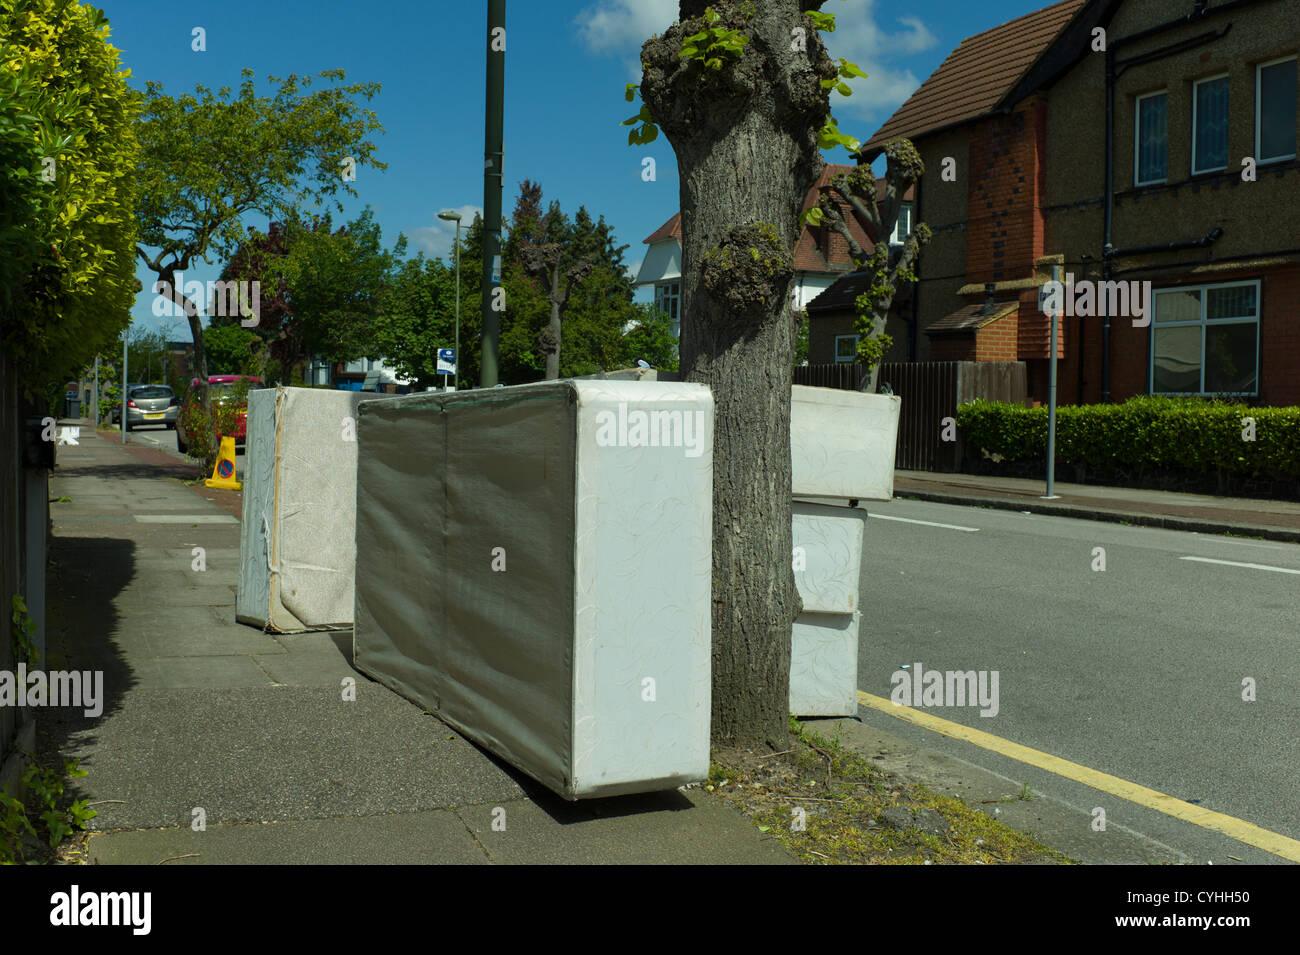 Volare un ribaltamento dei materassi e letti in strada di Brent Cross Golders Green, Londra Foto Stock